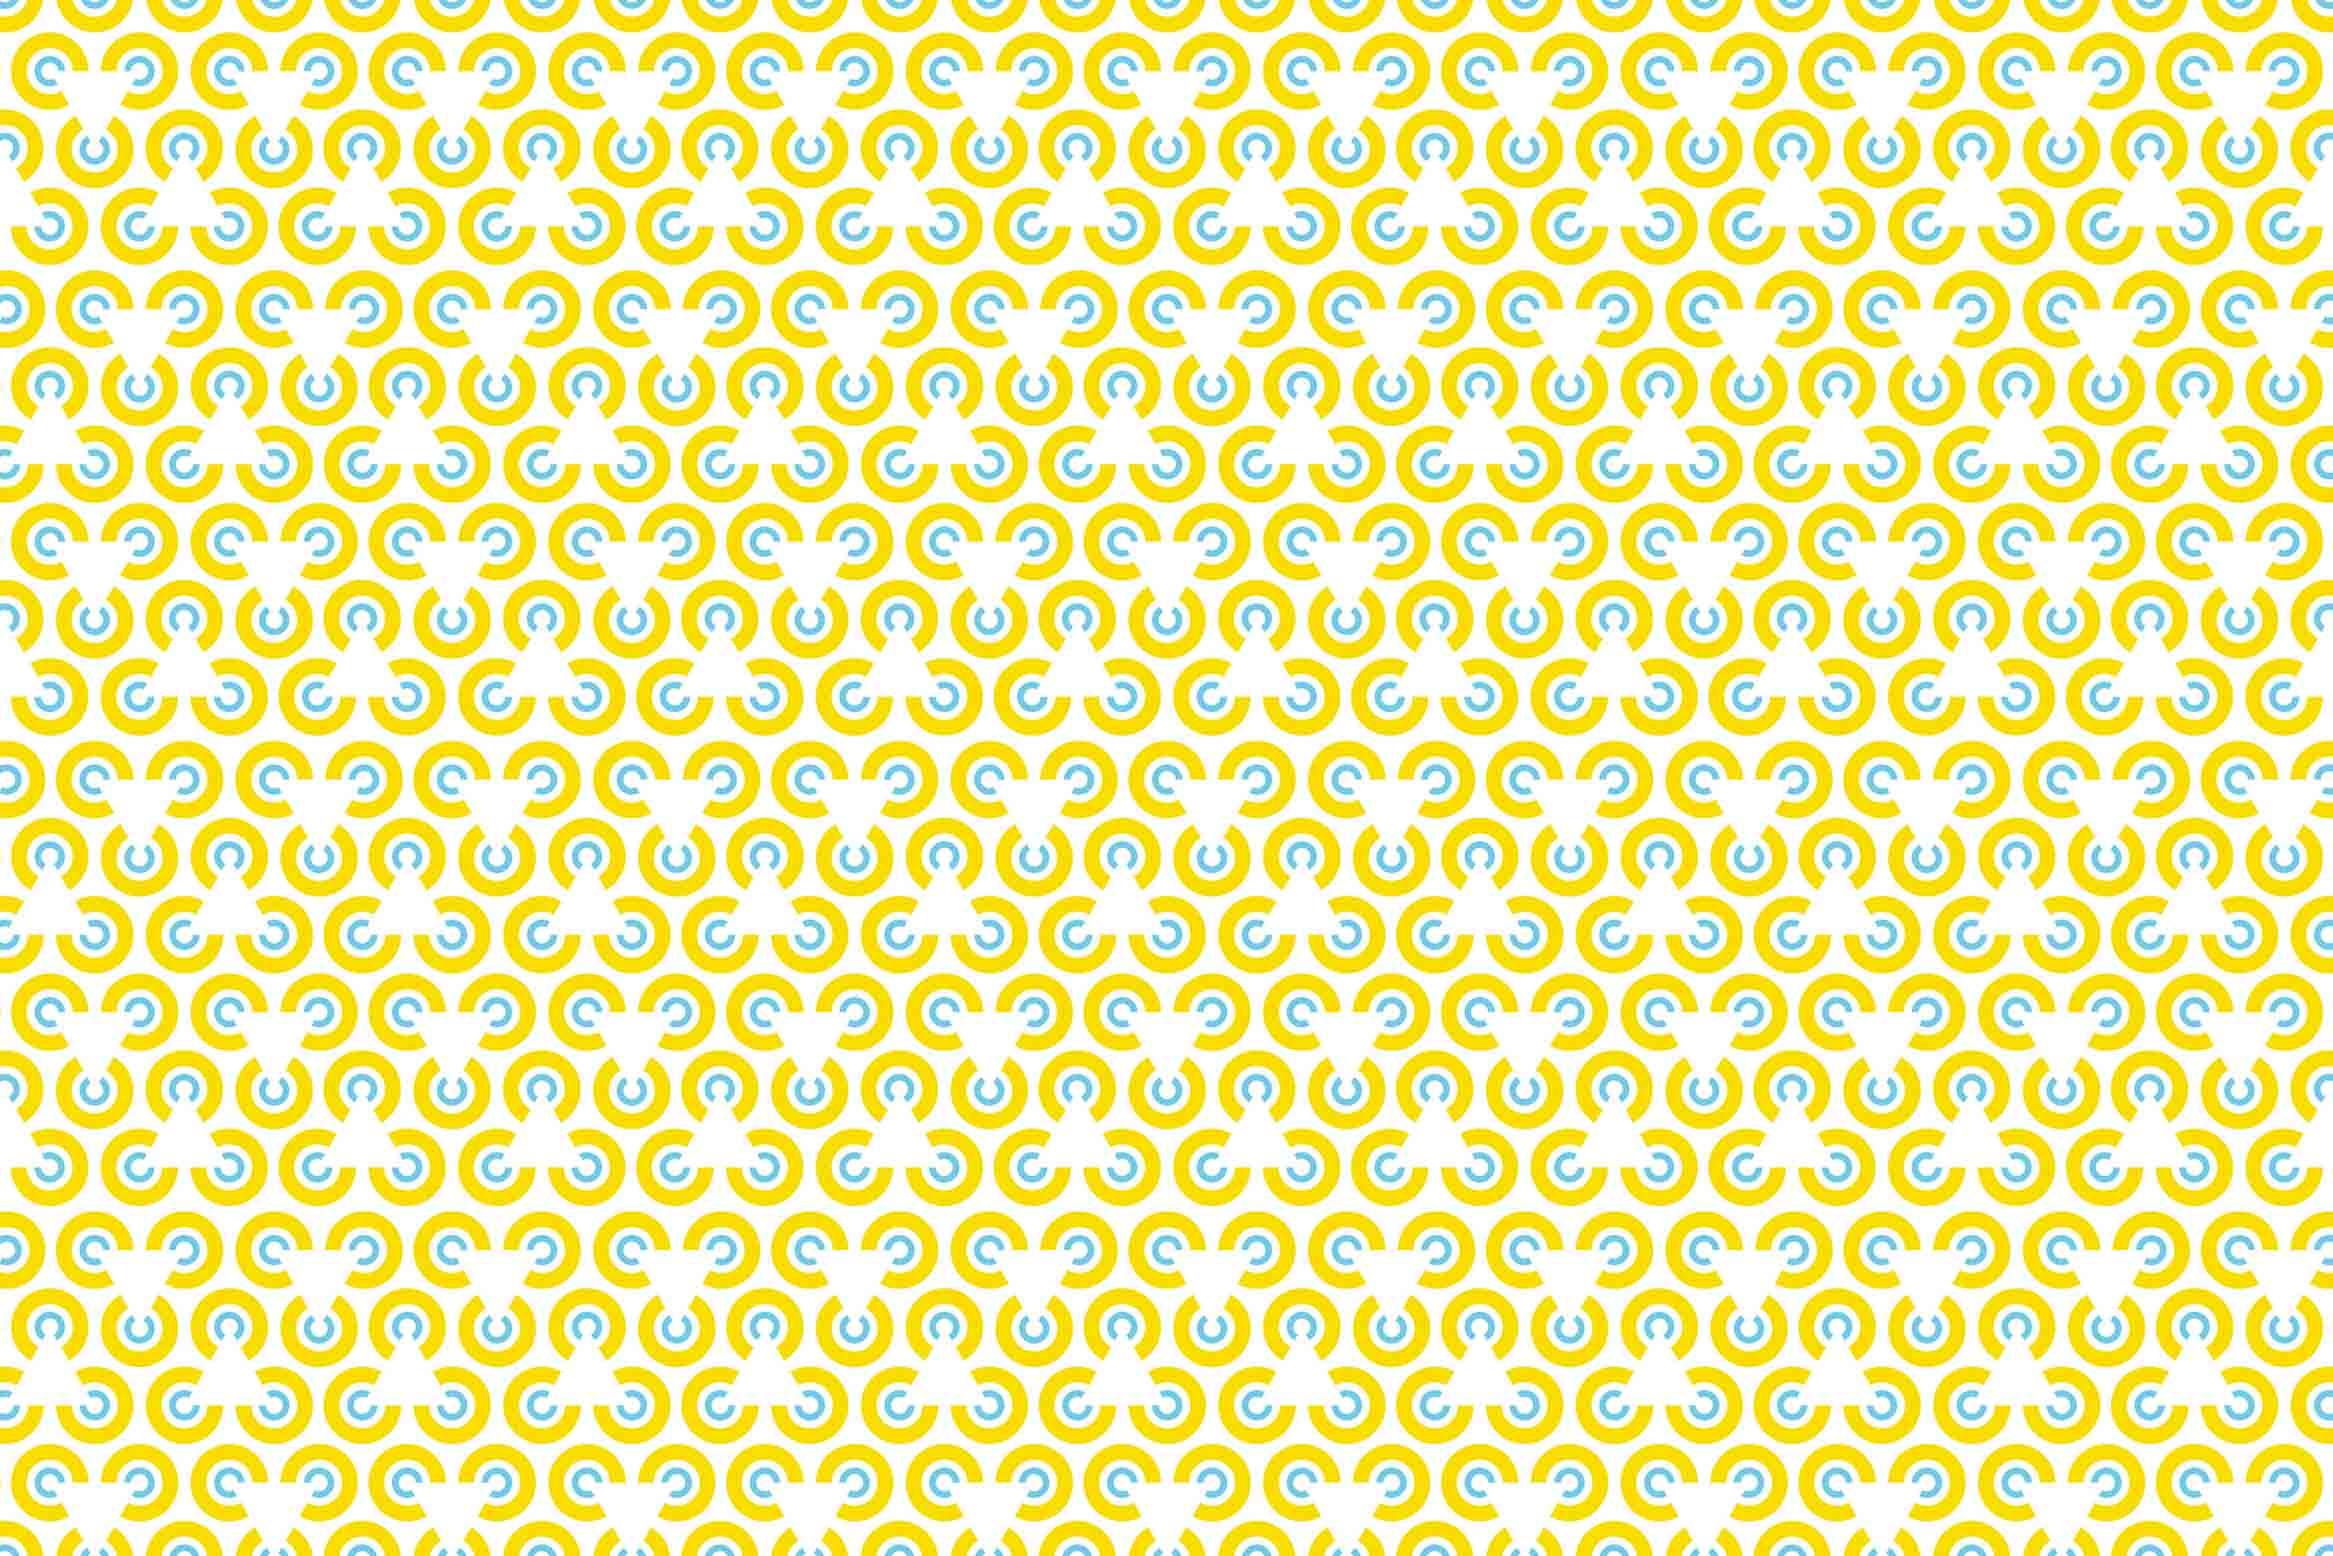 Boombon_Veronika_Rut_Fullerova_pattern